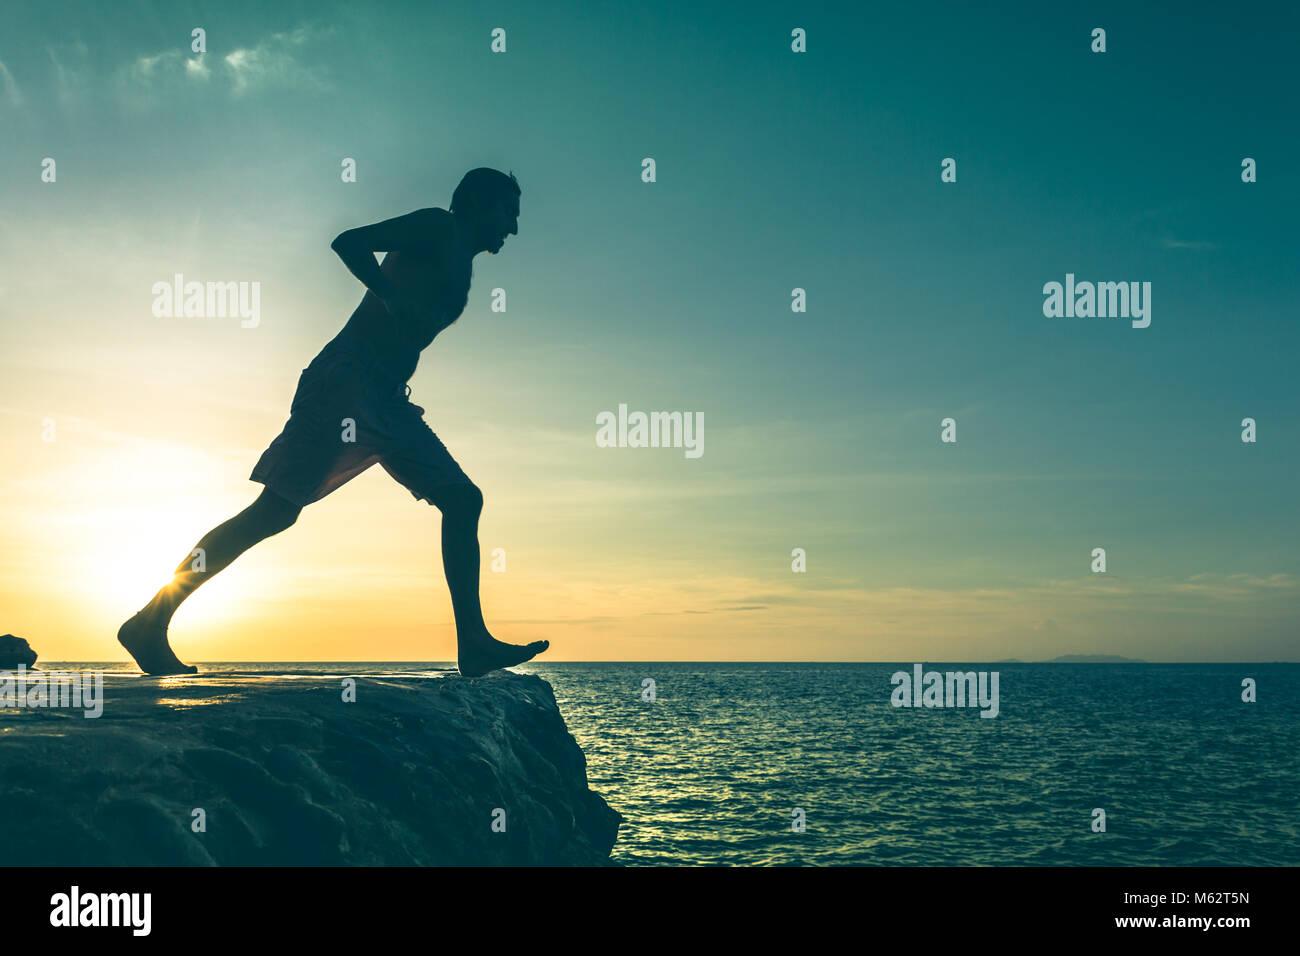 El hombre al borde de un acantilado a punto de saltar en el mar a la puesta del sol en la isla de Koh Phangan, Tailandia. Imagen De Stock